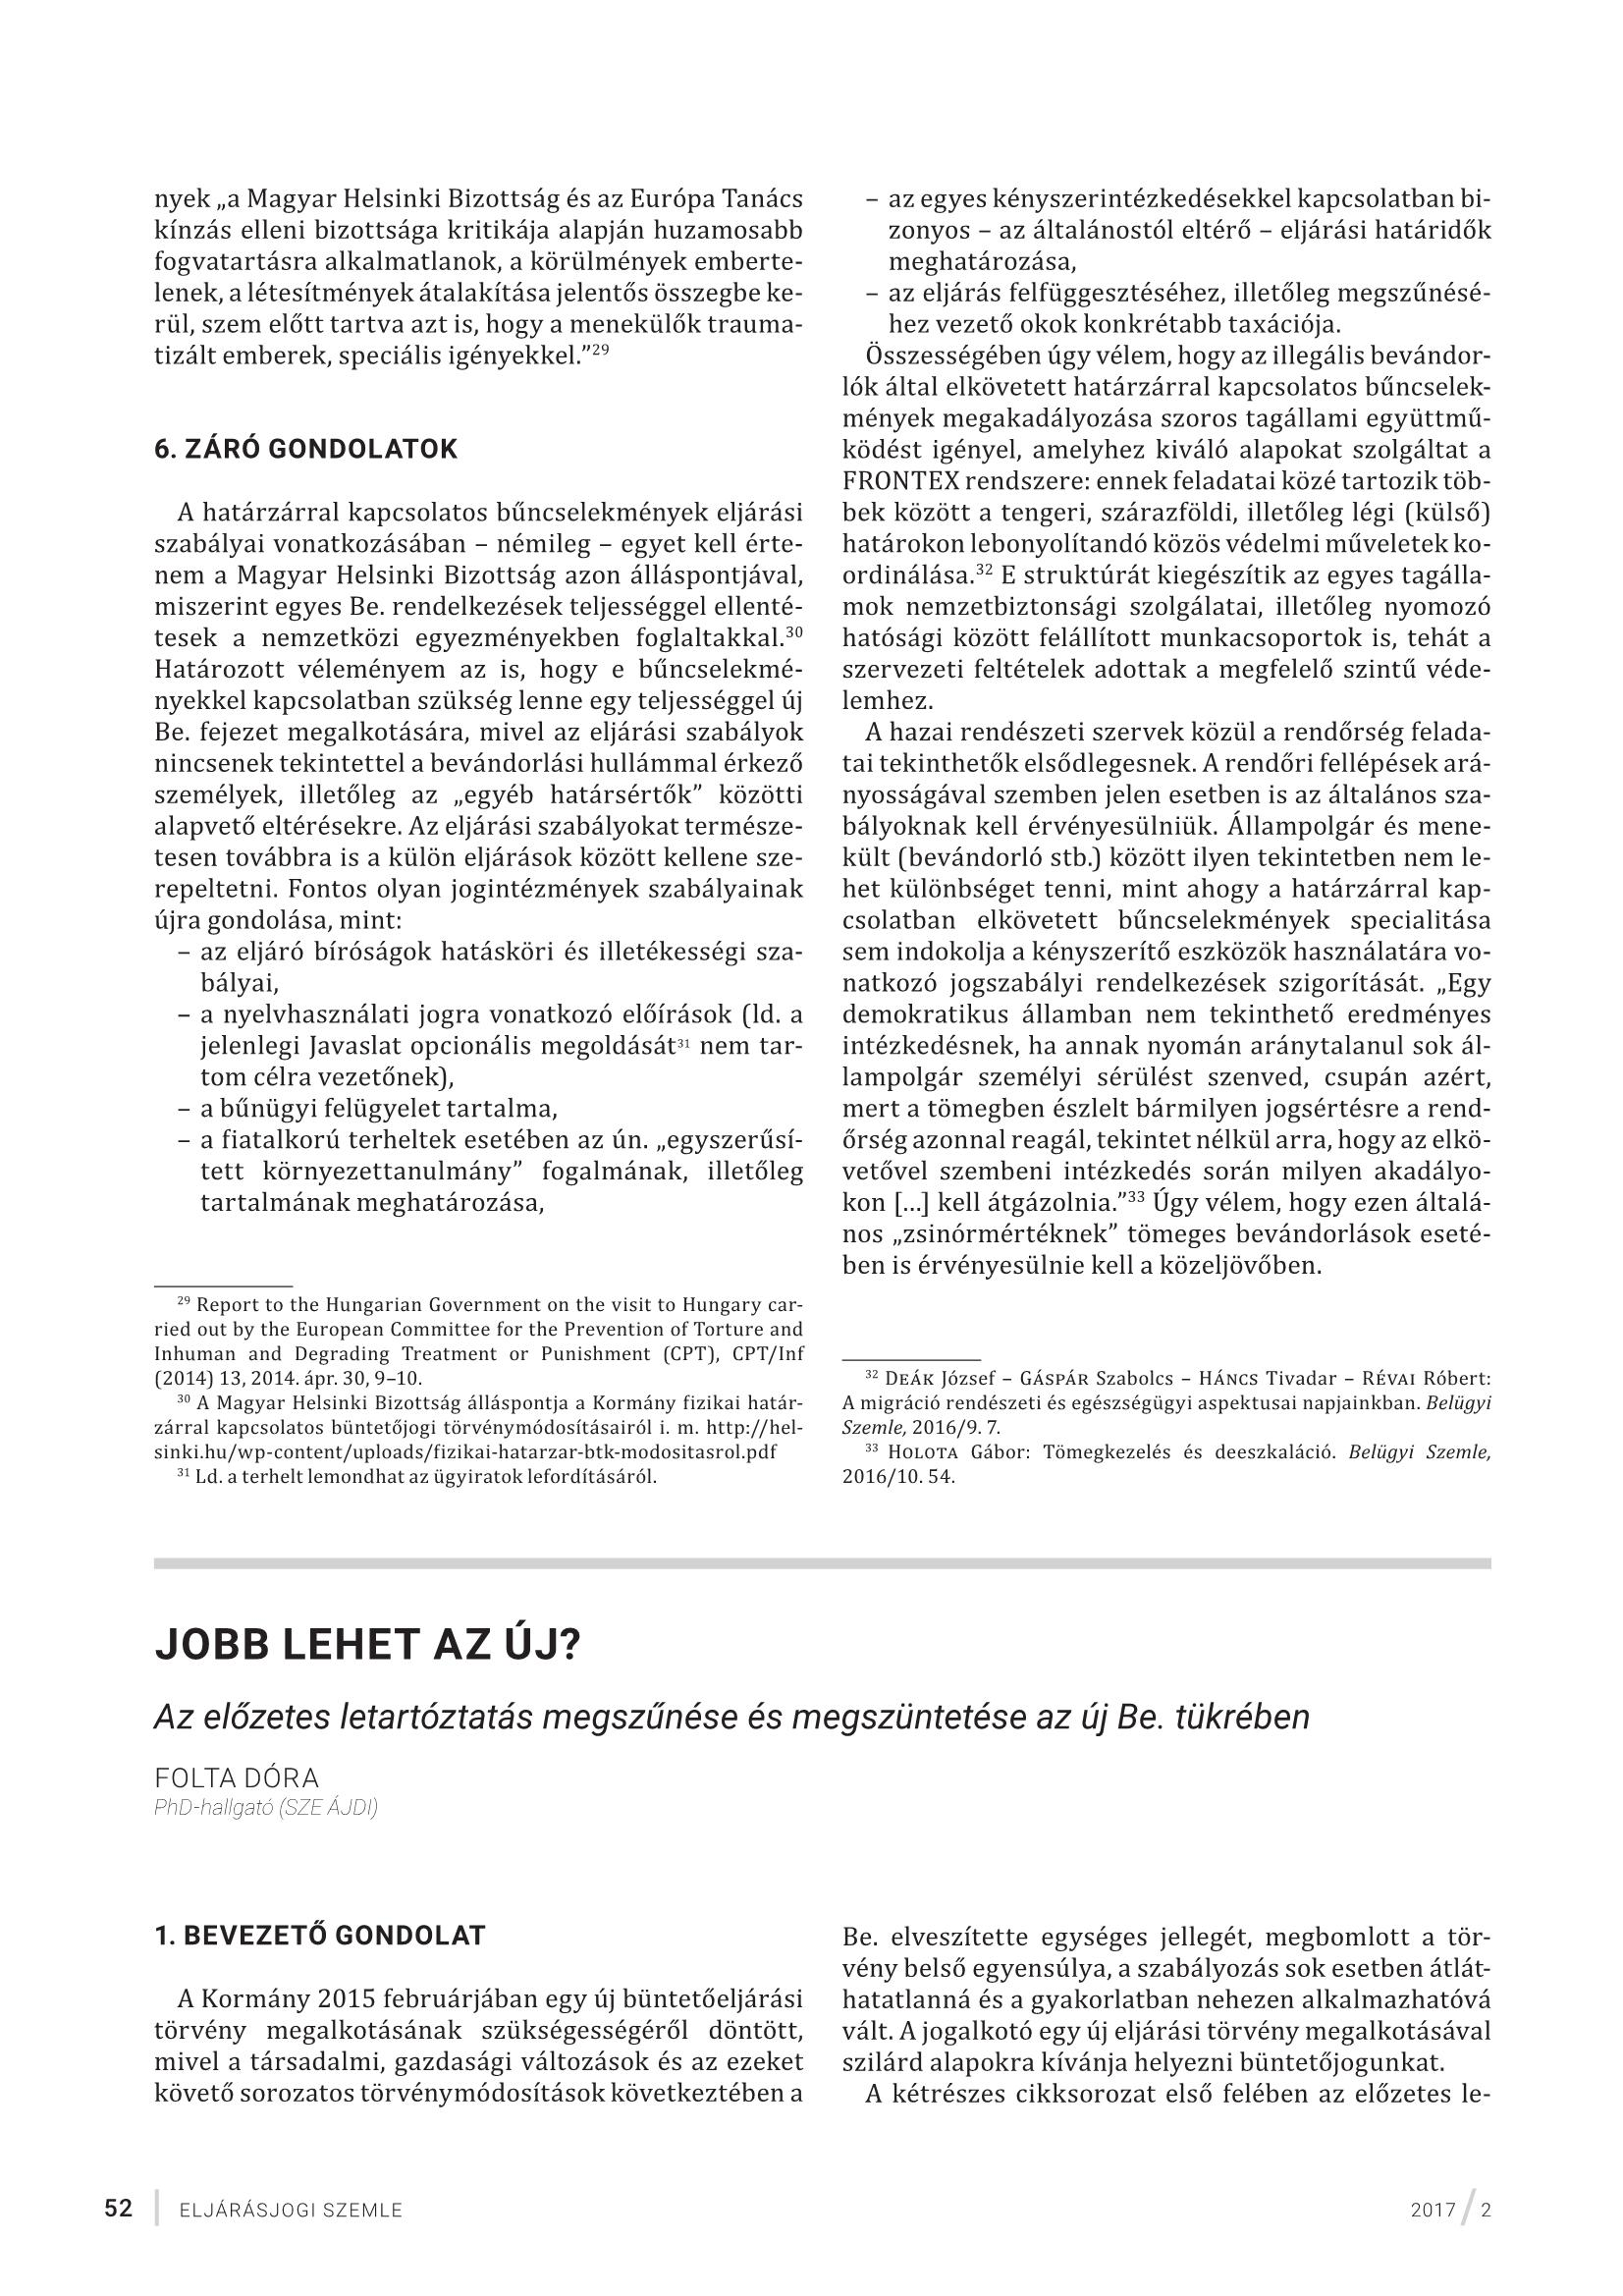 A demodikózis tünetei és kezelése (Demodex kullancs által okozott betegségek)